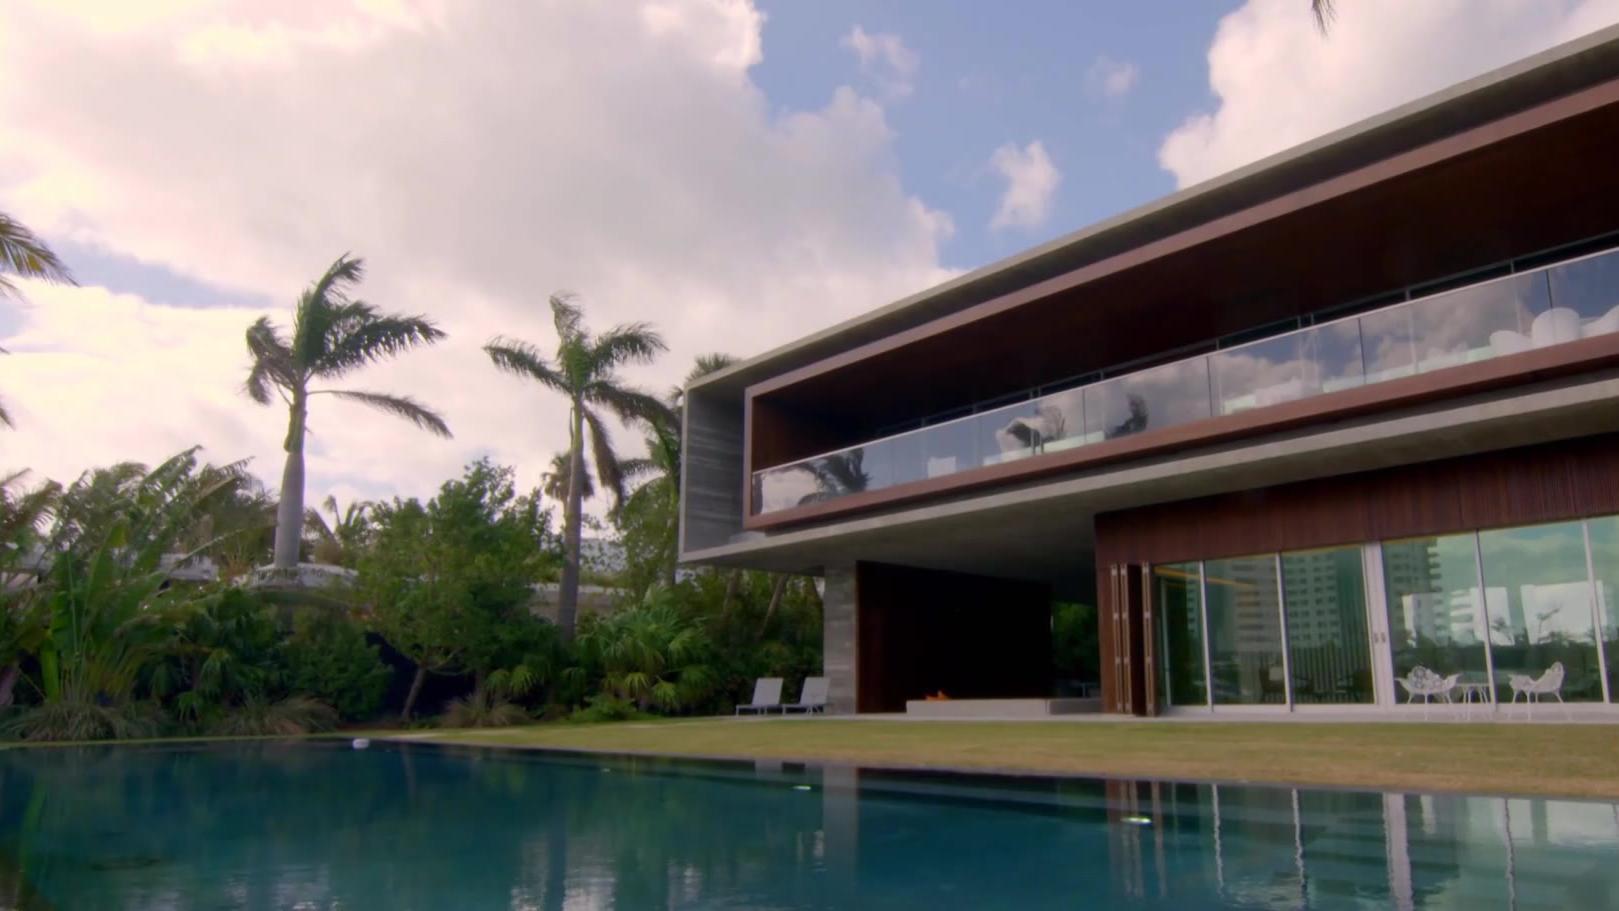 【纪录片】【世界上最非凡的住宅】【S02E04】【1080P】【中字】